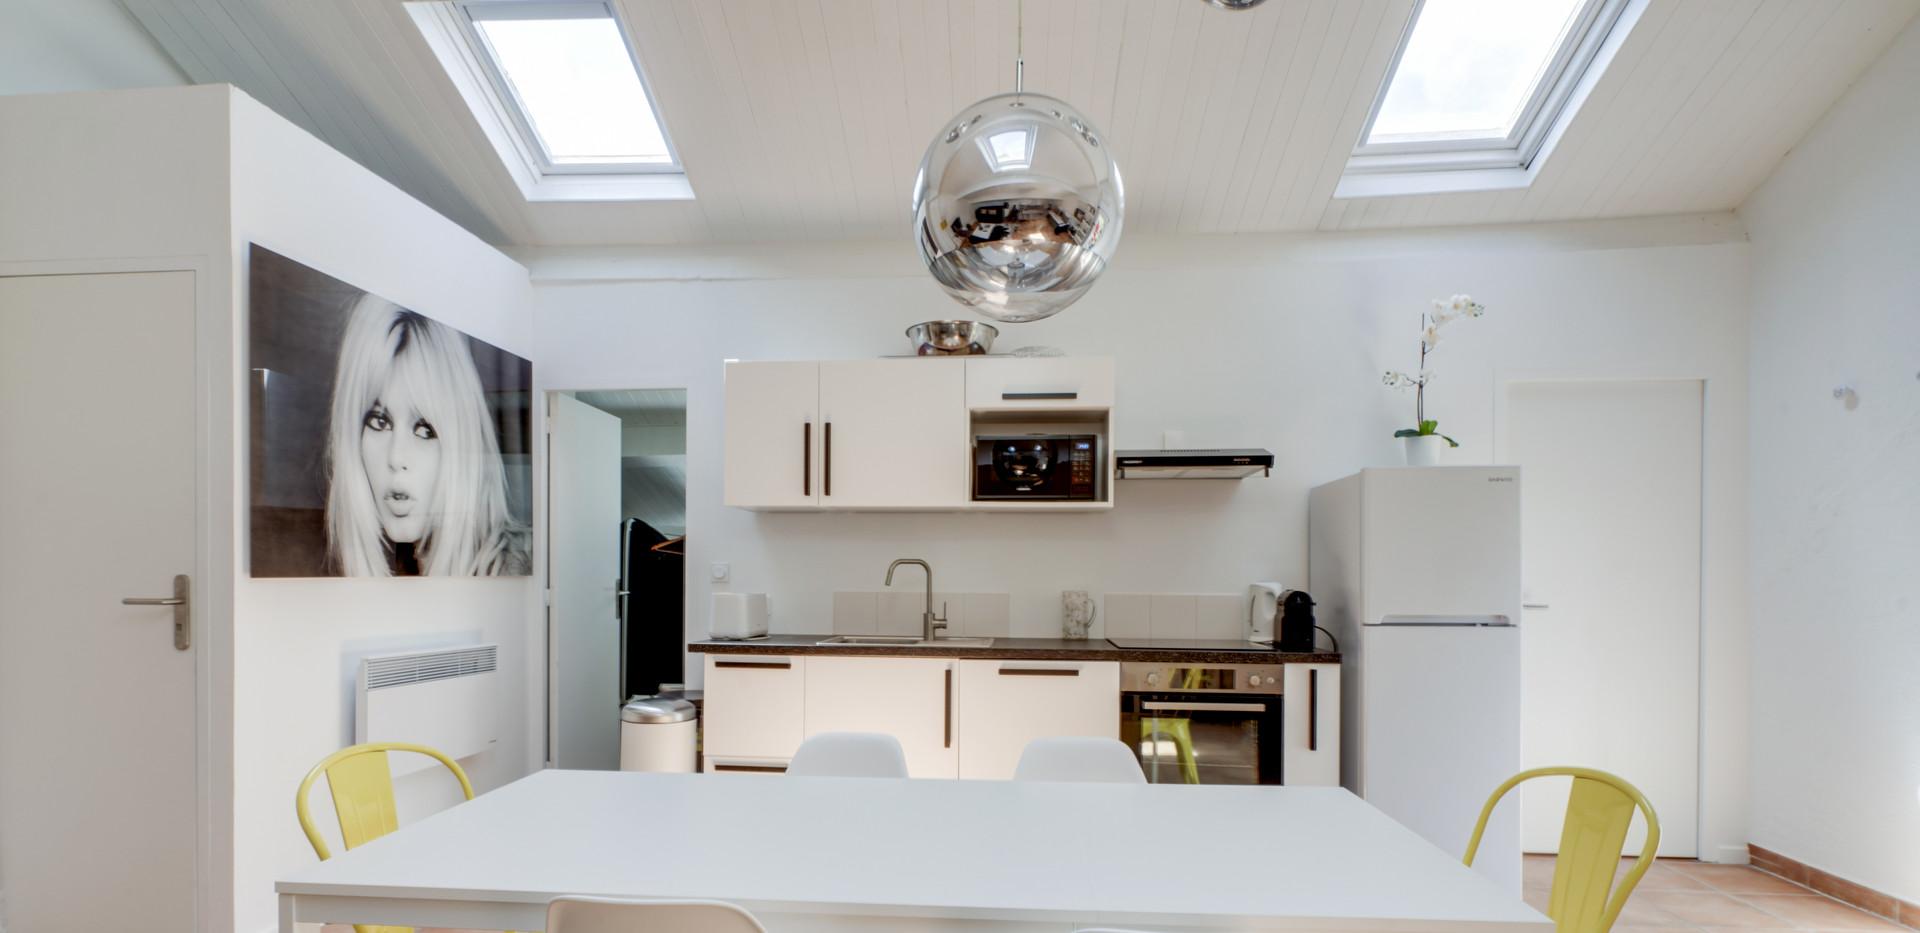 Petite Maison, Mas Saint-Gens, holiday home for rent